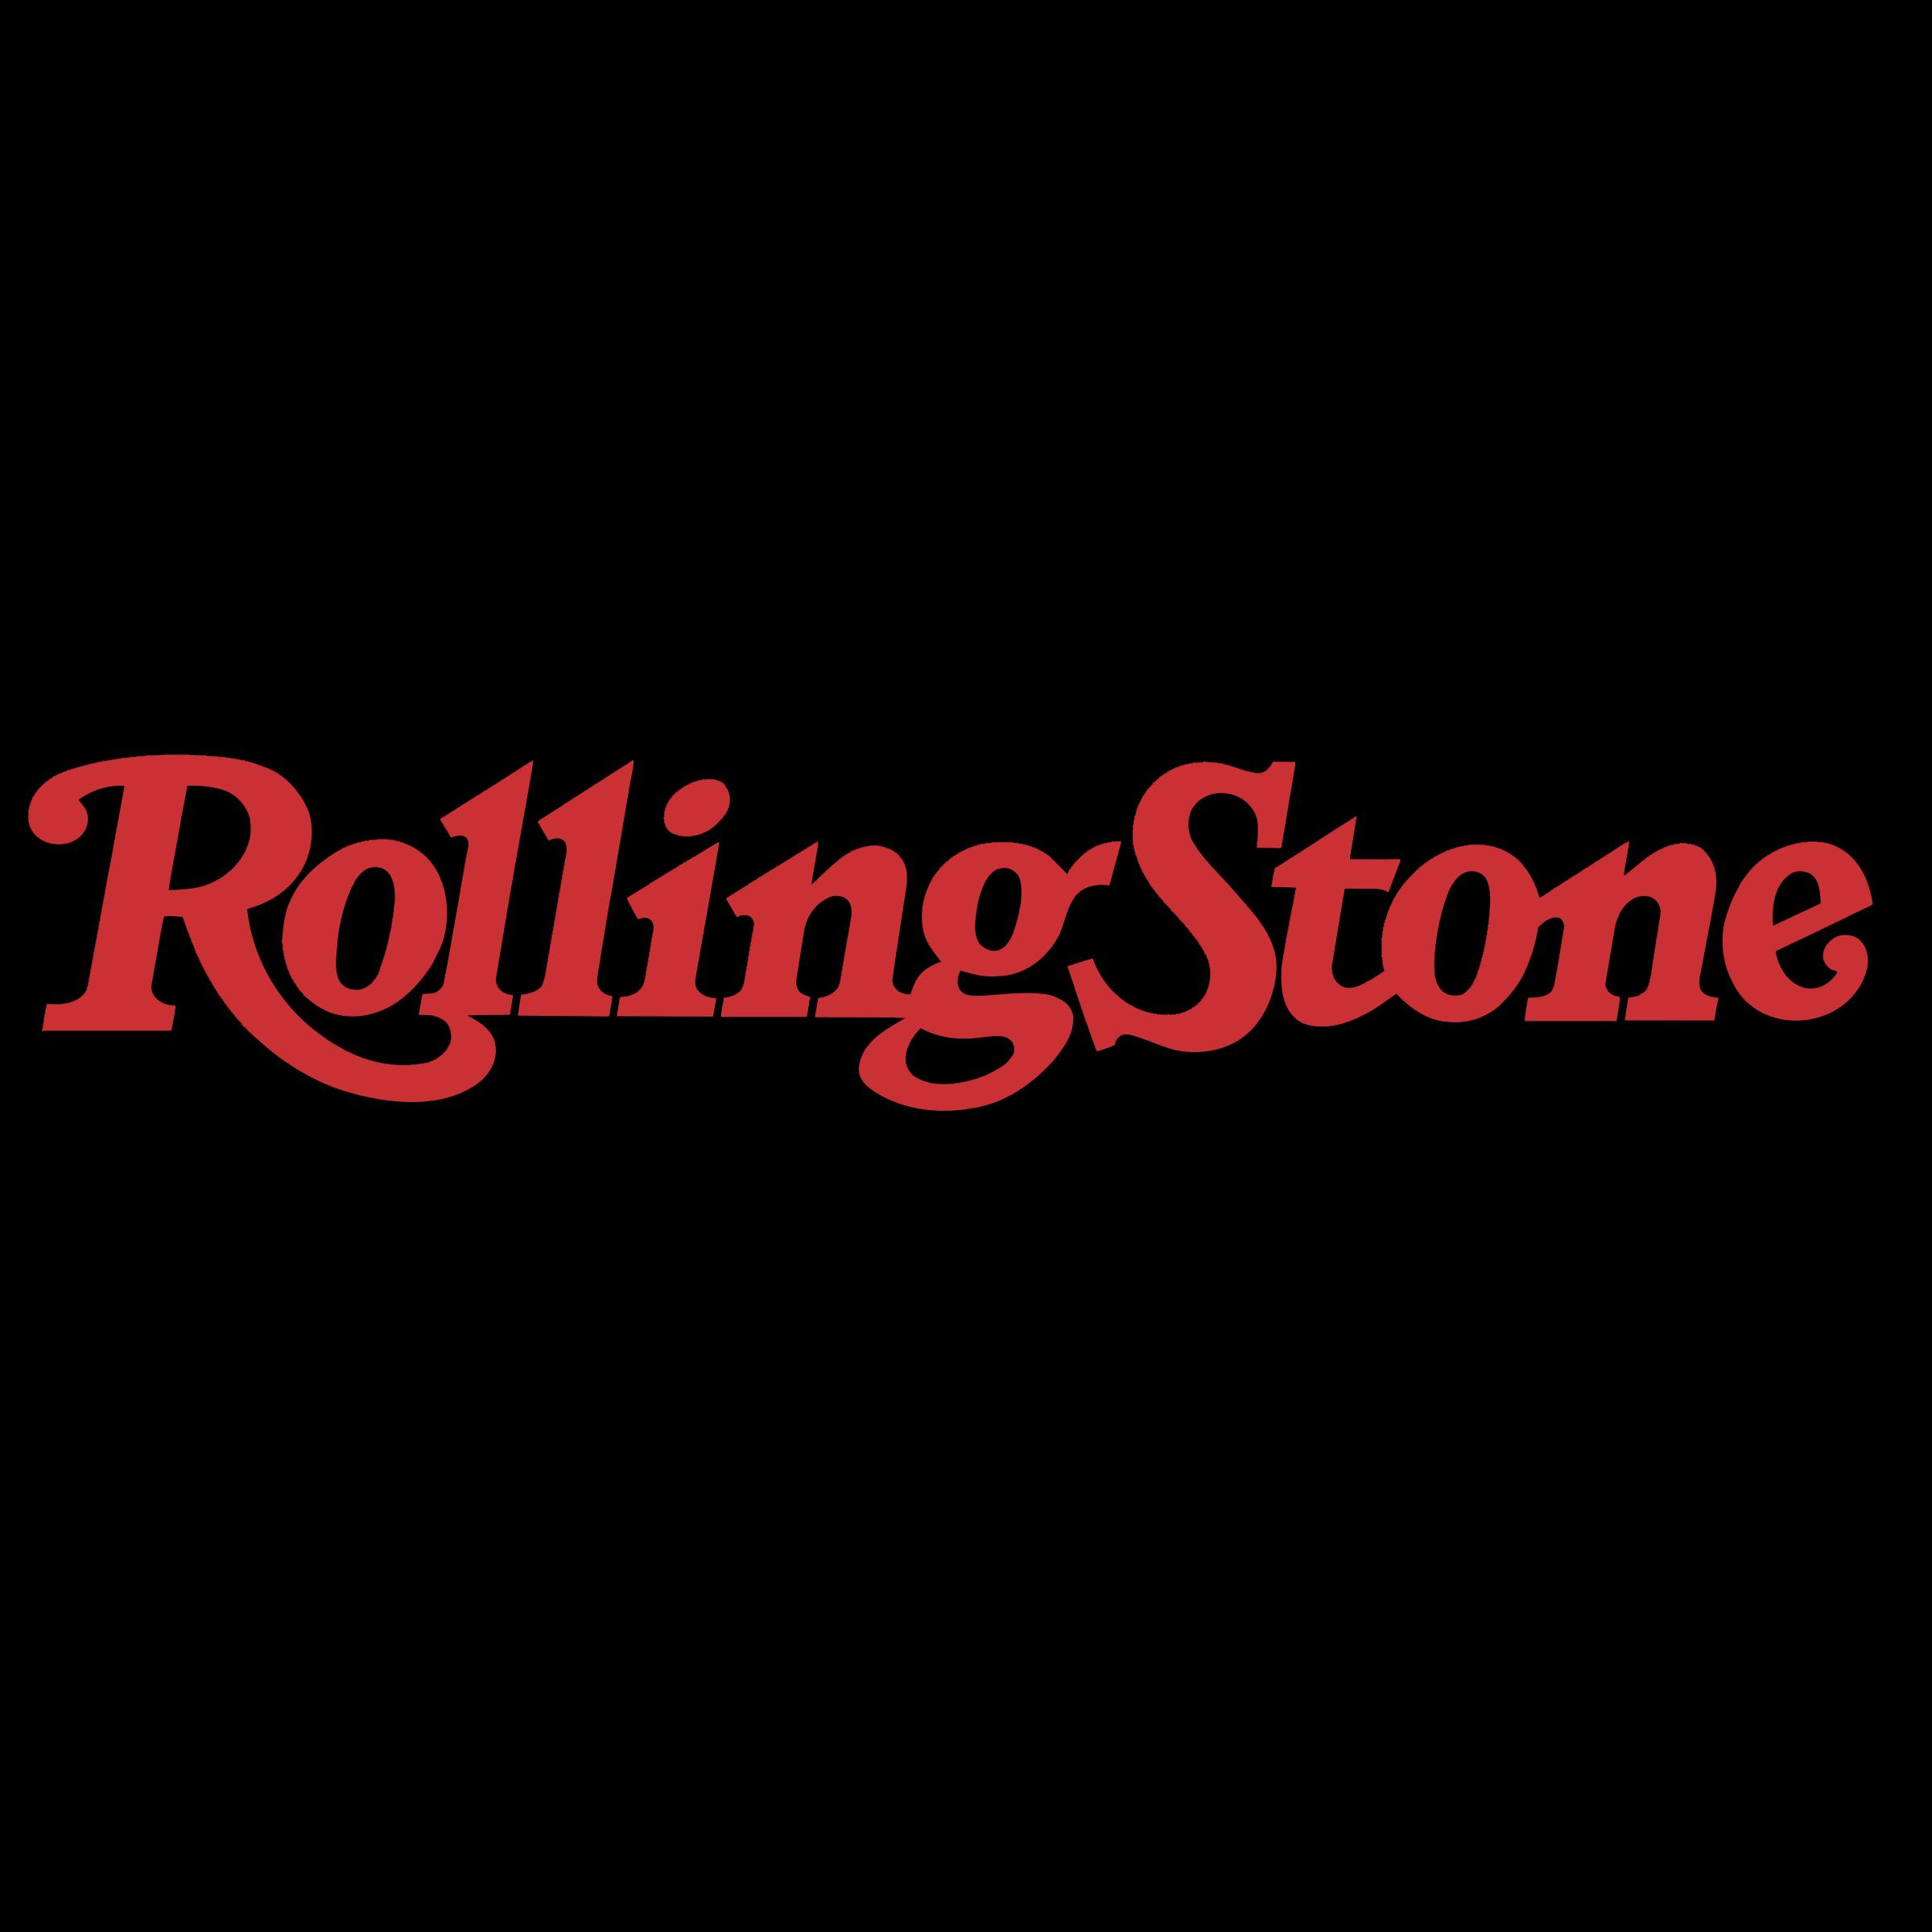 rollingstone com logo png transparent svg vector freebie supply rh freebiesupply com rolling stone magazine logo designer rolling stone magazine logo transparent